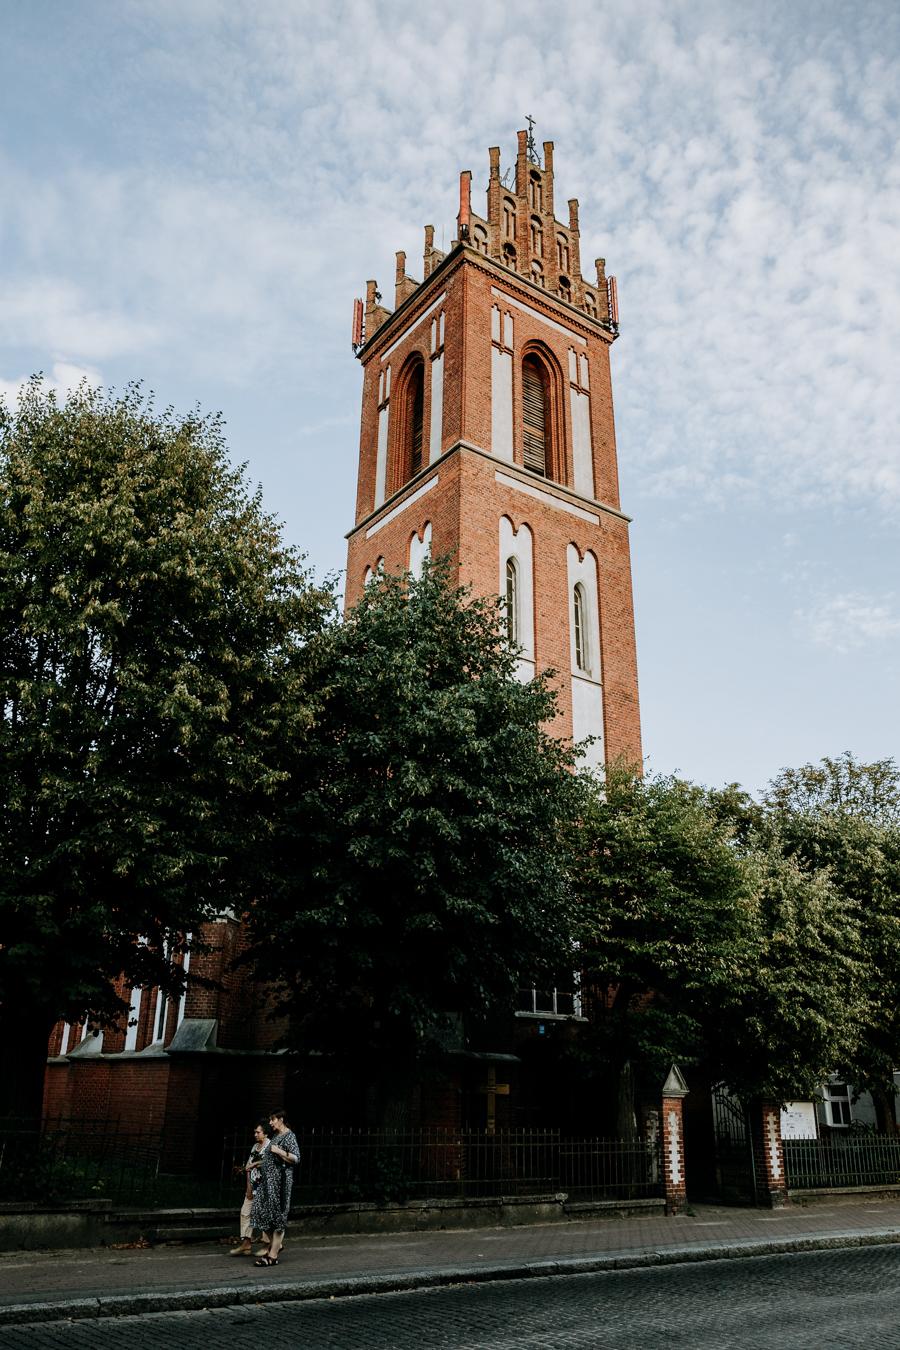 monuments Mragowo church